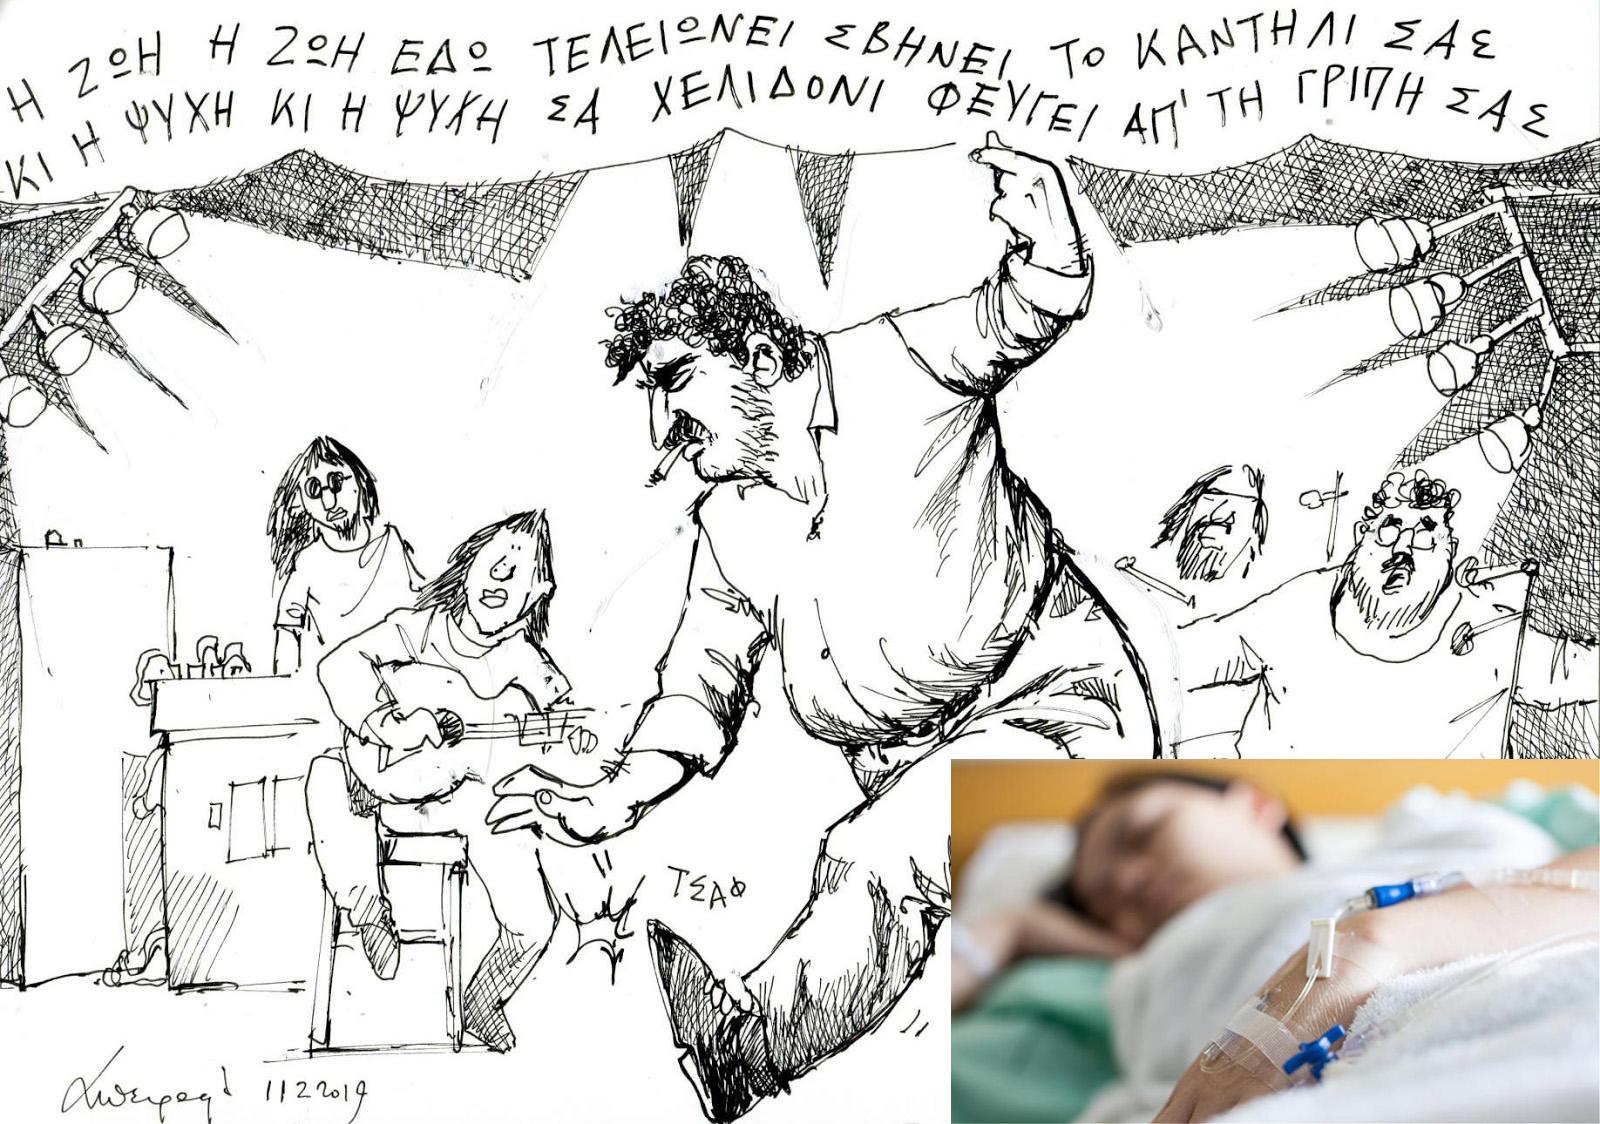 Τι Δούρου τι Πολάκης; Δεν ιδρώνει το αυτί τους - Στους 145 οι νεκροί από τη γρίπη